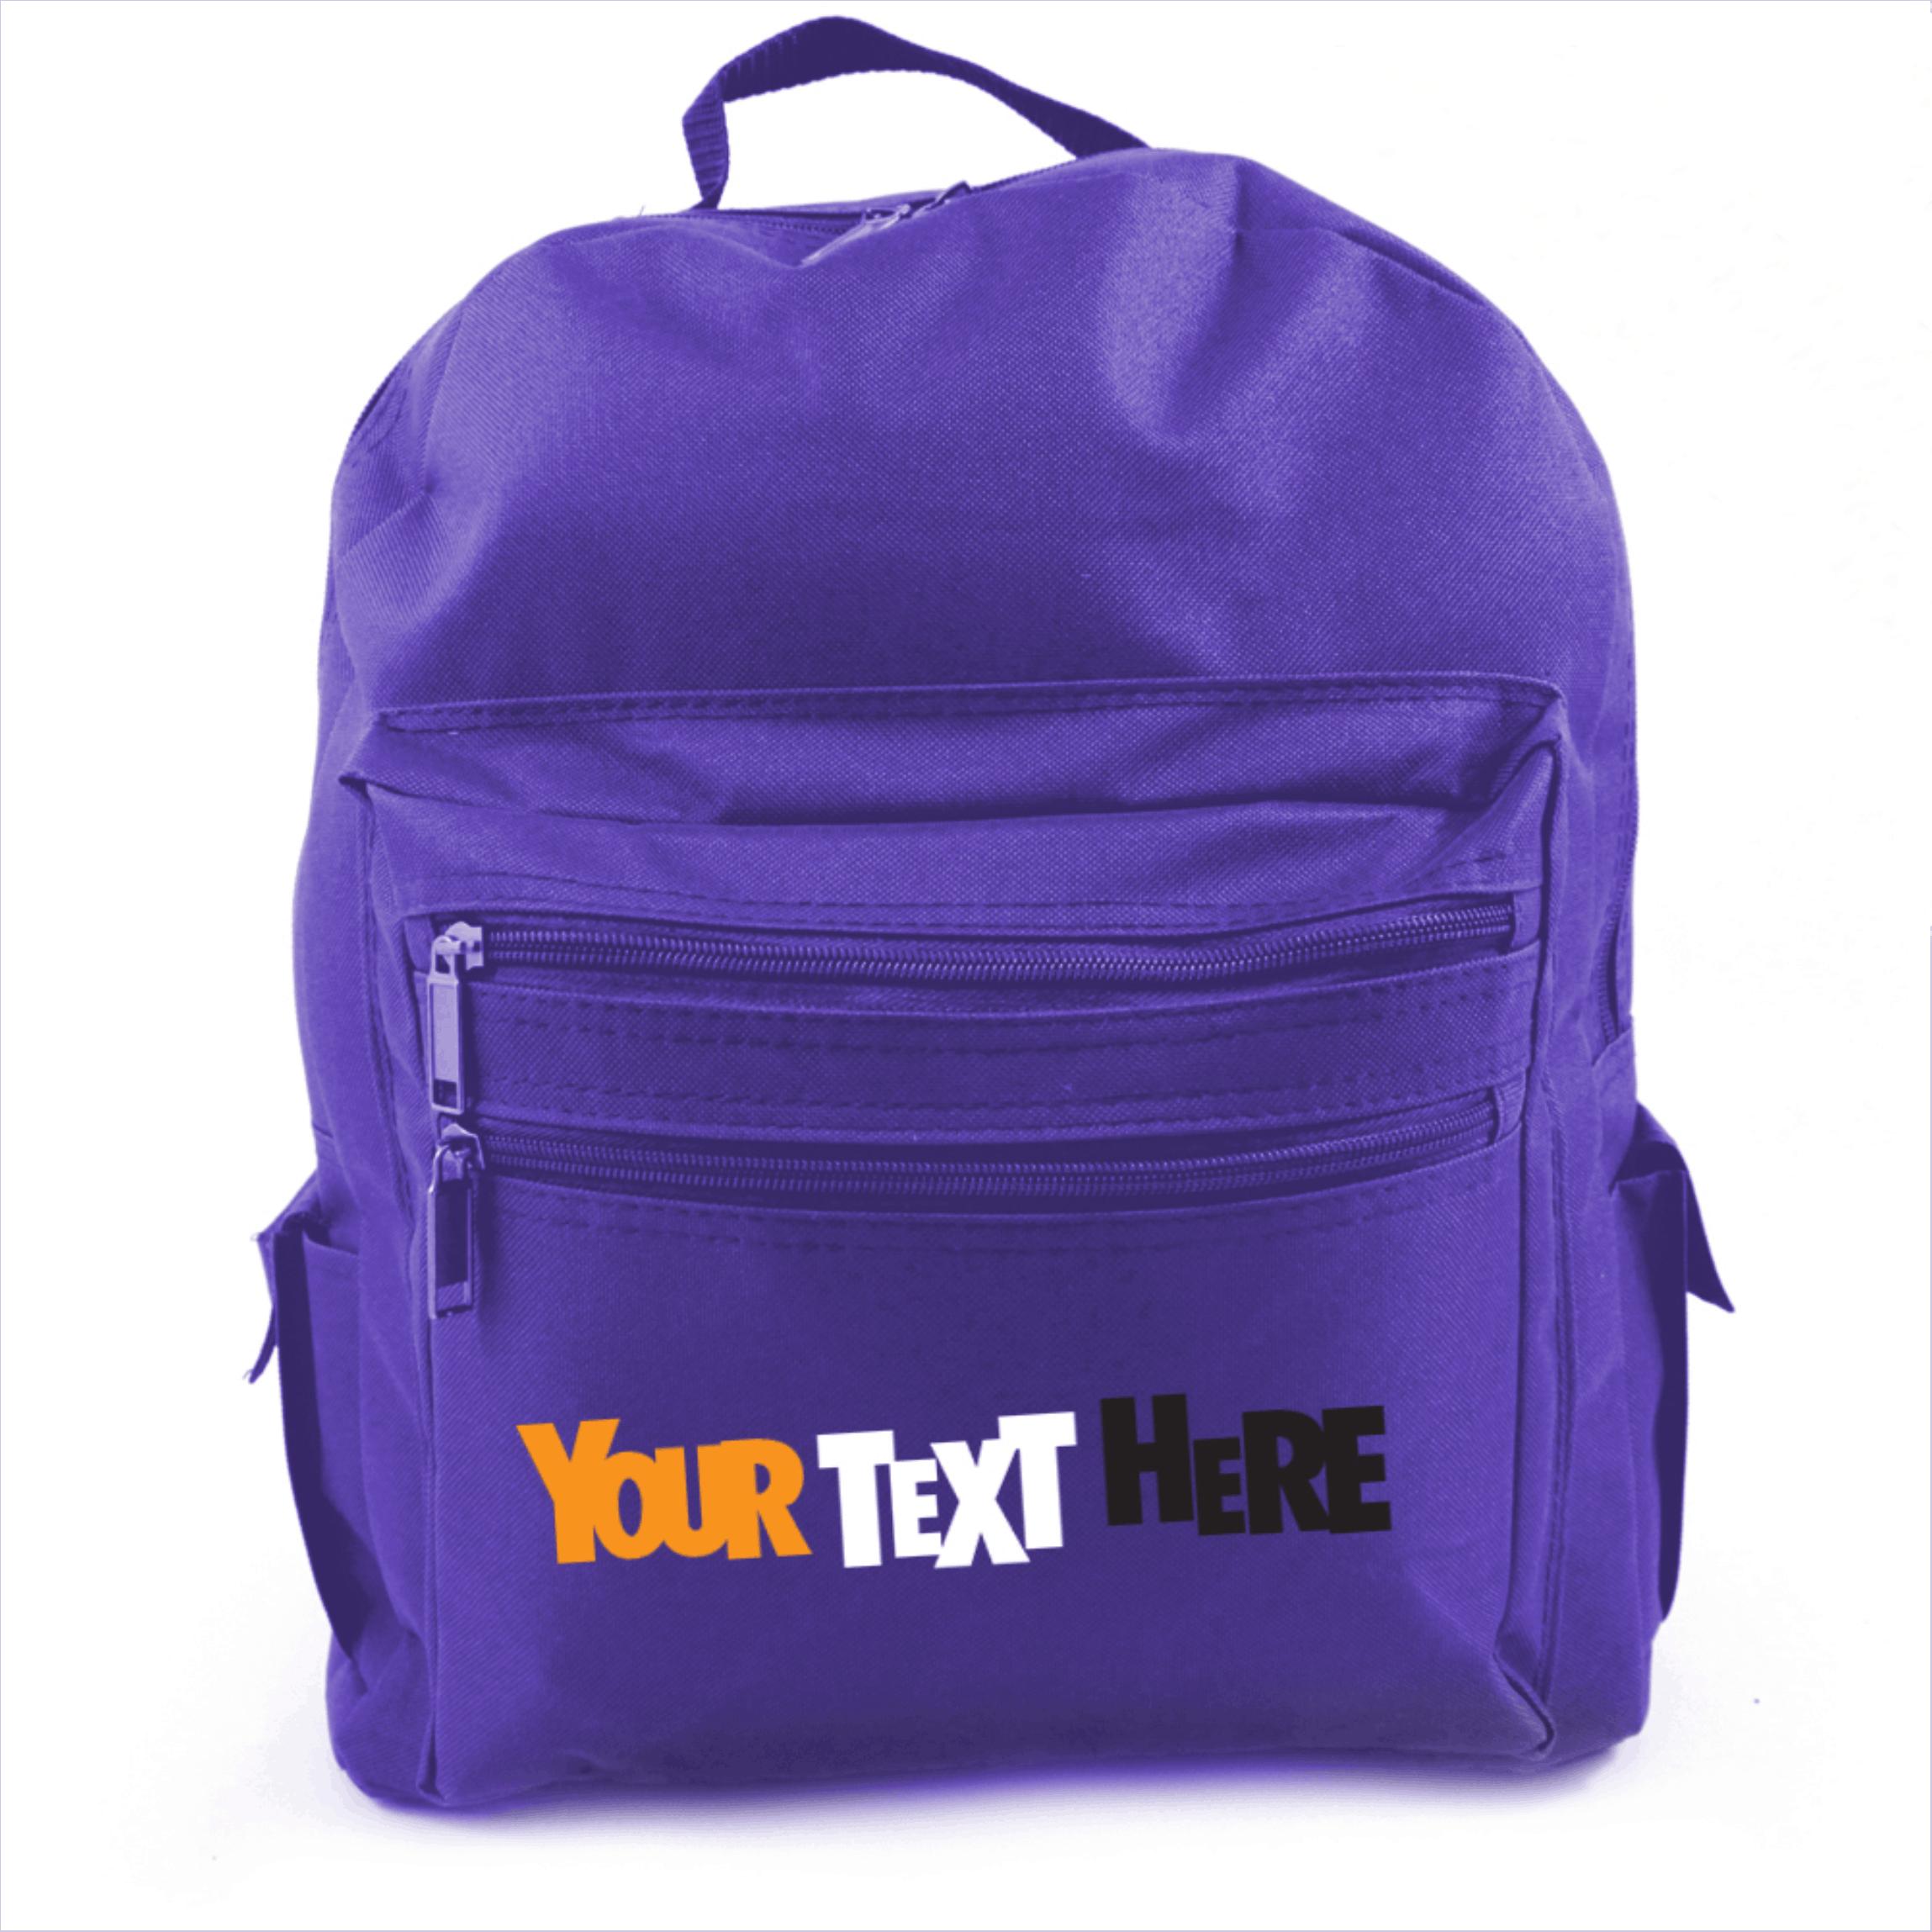 BLUE Adult Size Back Pack